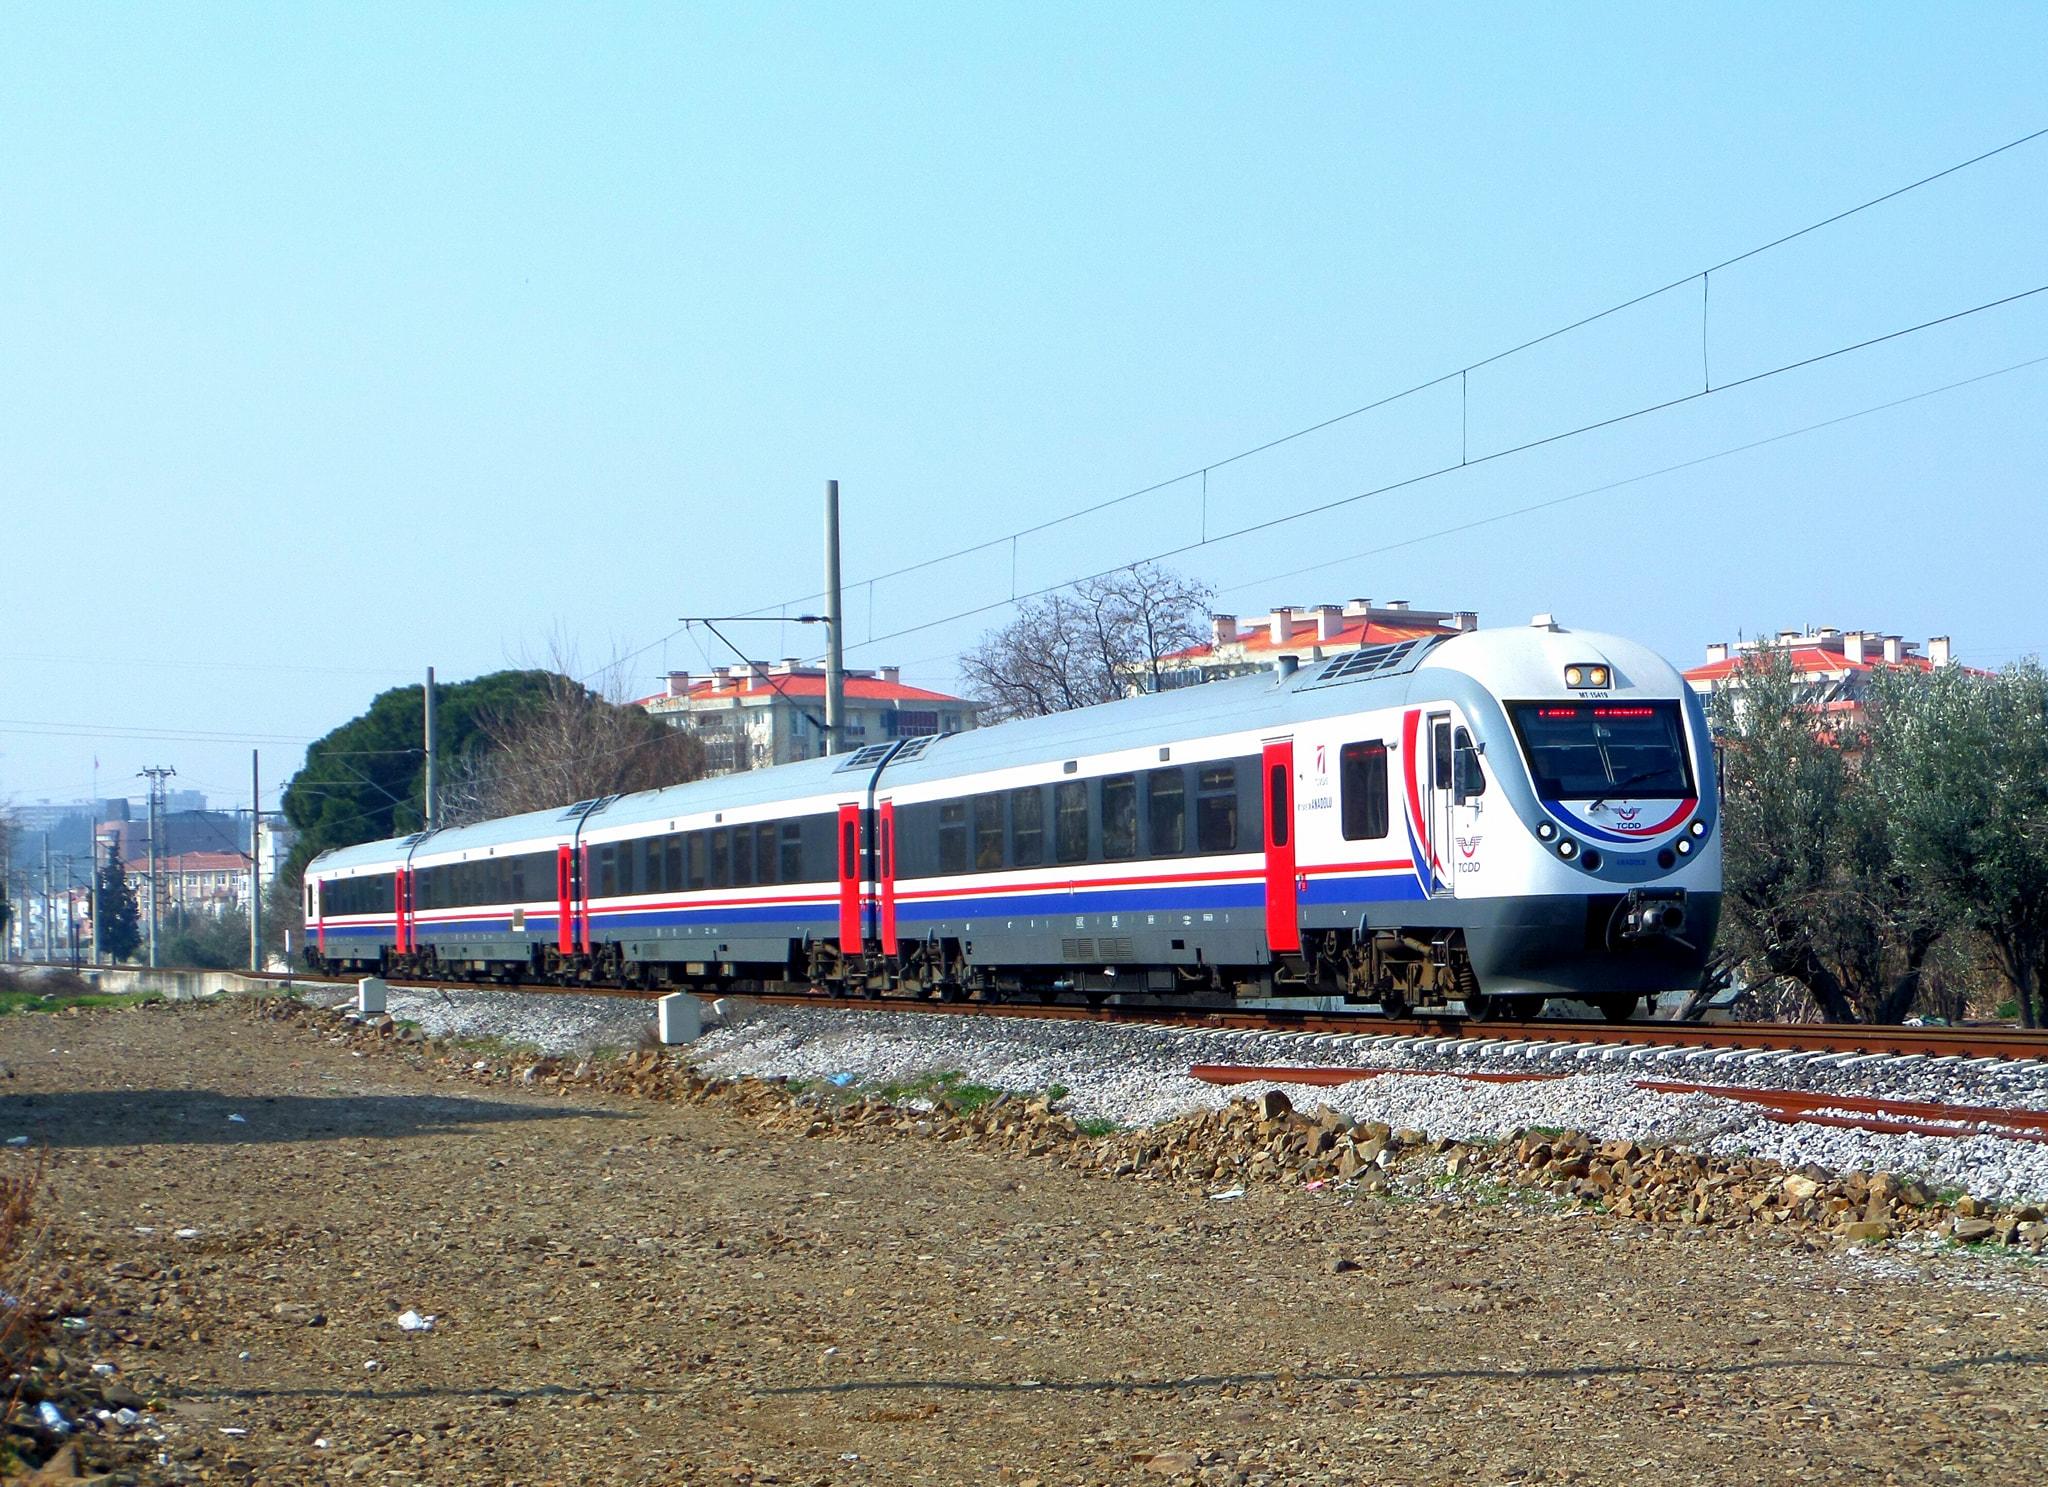 Izmir Alasehir train